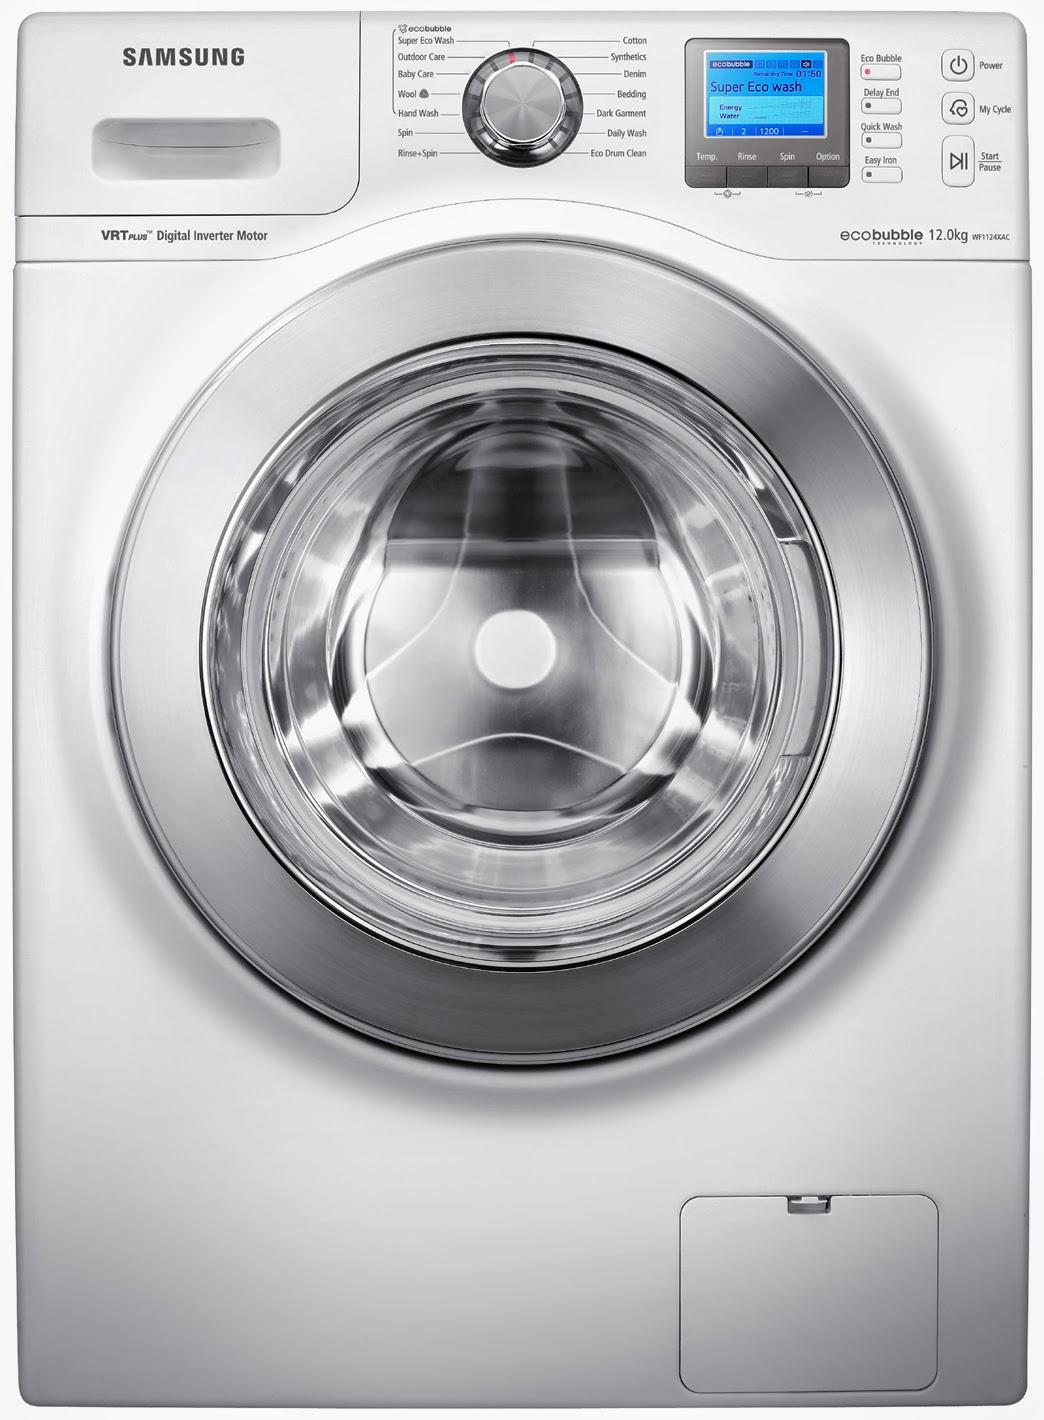 Cara Memilih Mesin Cuci Untuk Jasa Laundry Kiloan Juragan Londry